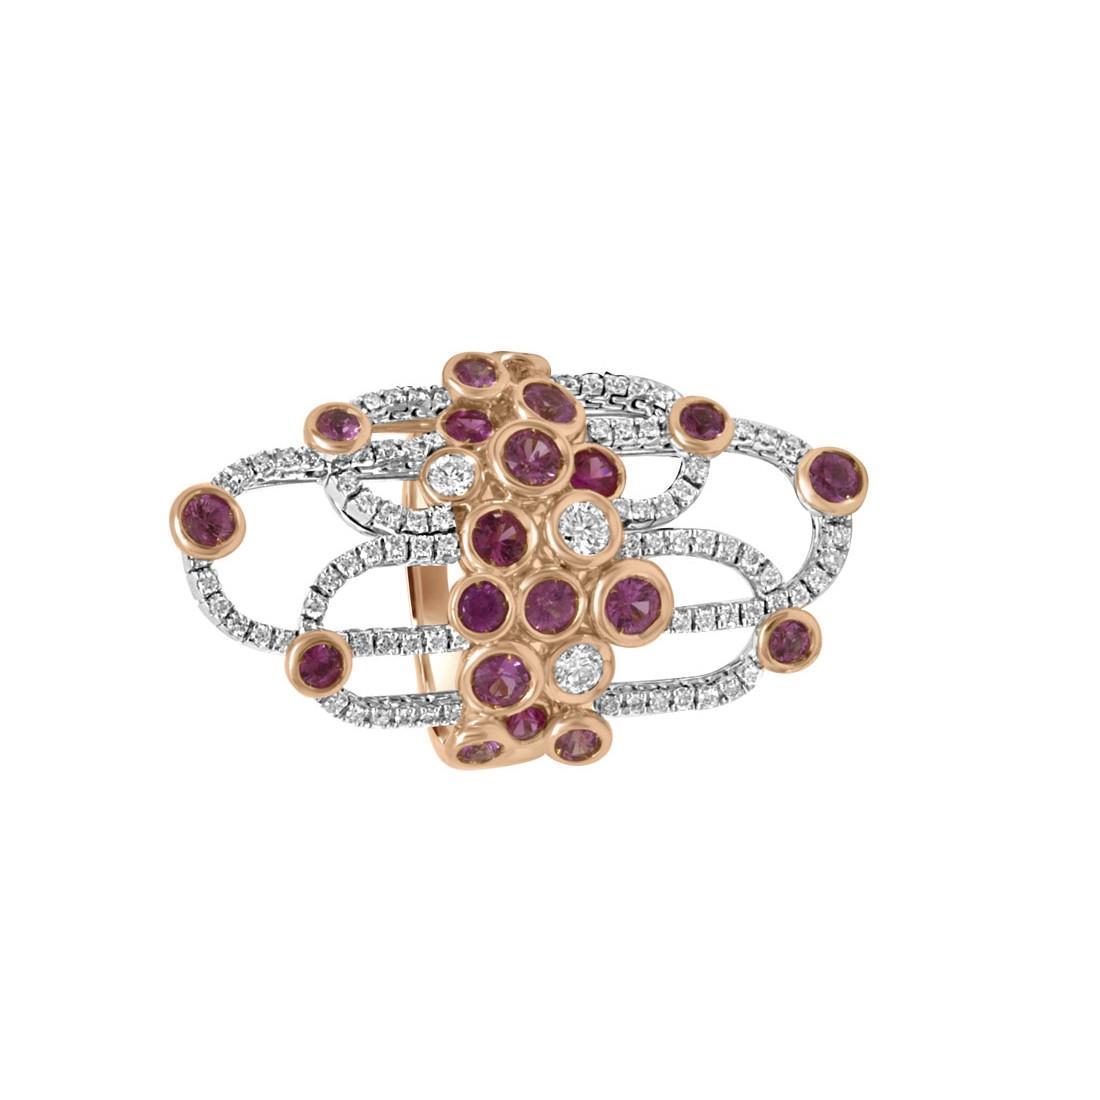 Anello Damiani BOHEME in oro bianco e rosa con diamanti ct 0,79  - DAMIANI